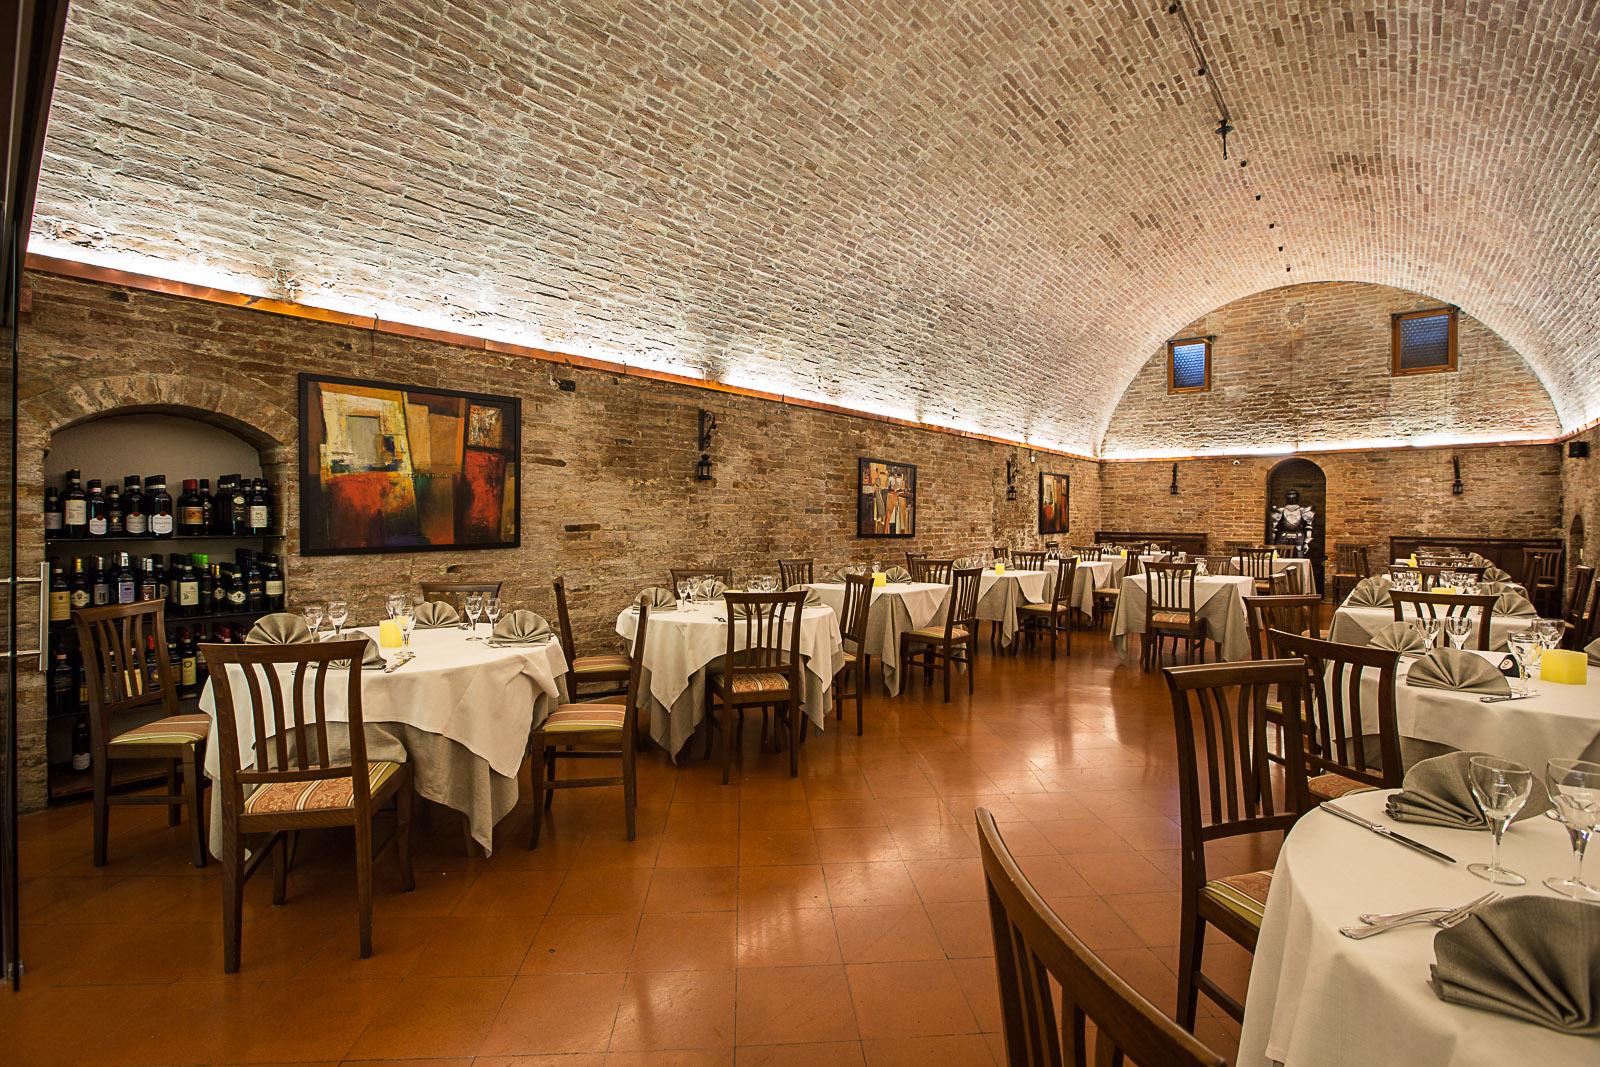 Nozze ganze tutto per sposarsi in toscana hotel borgo - Ristorante borgo antico cucine da incubo ...